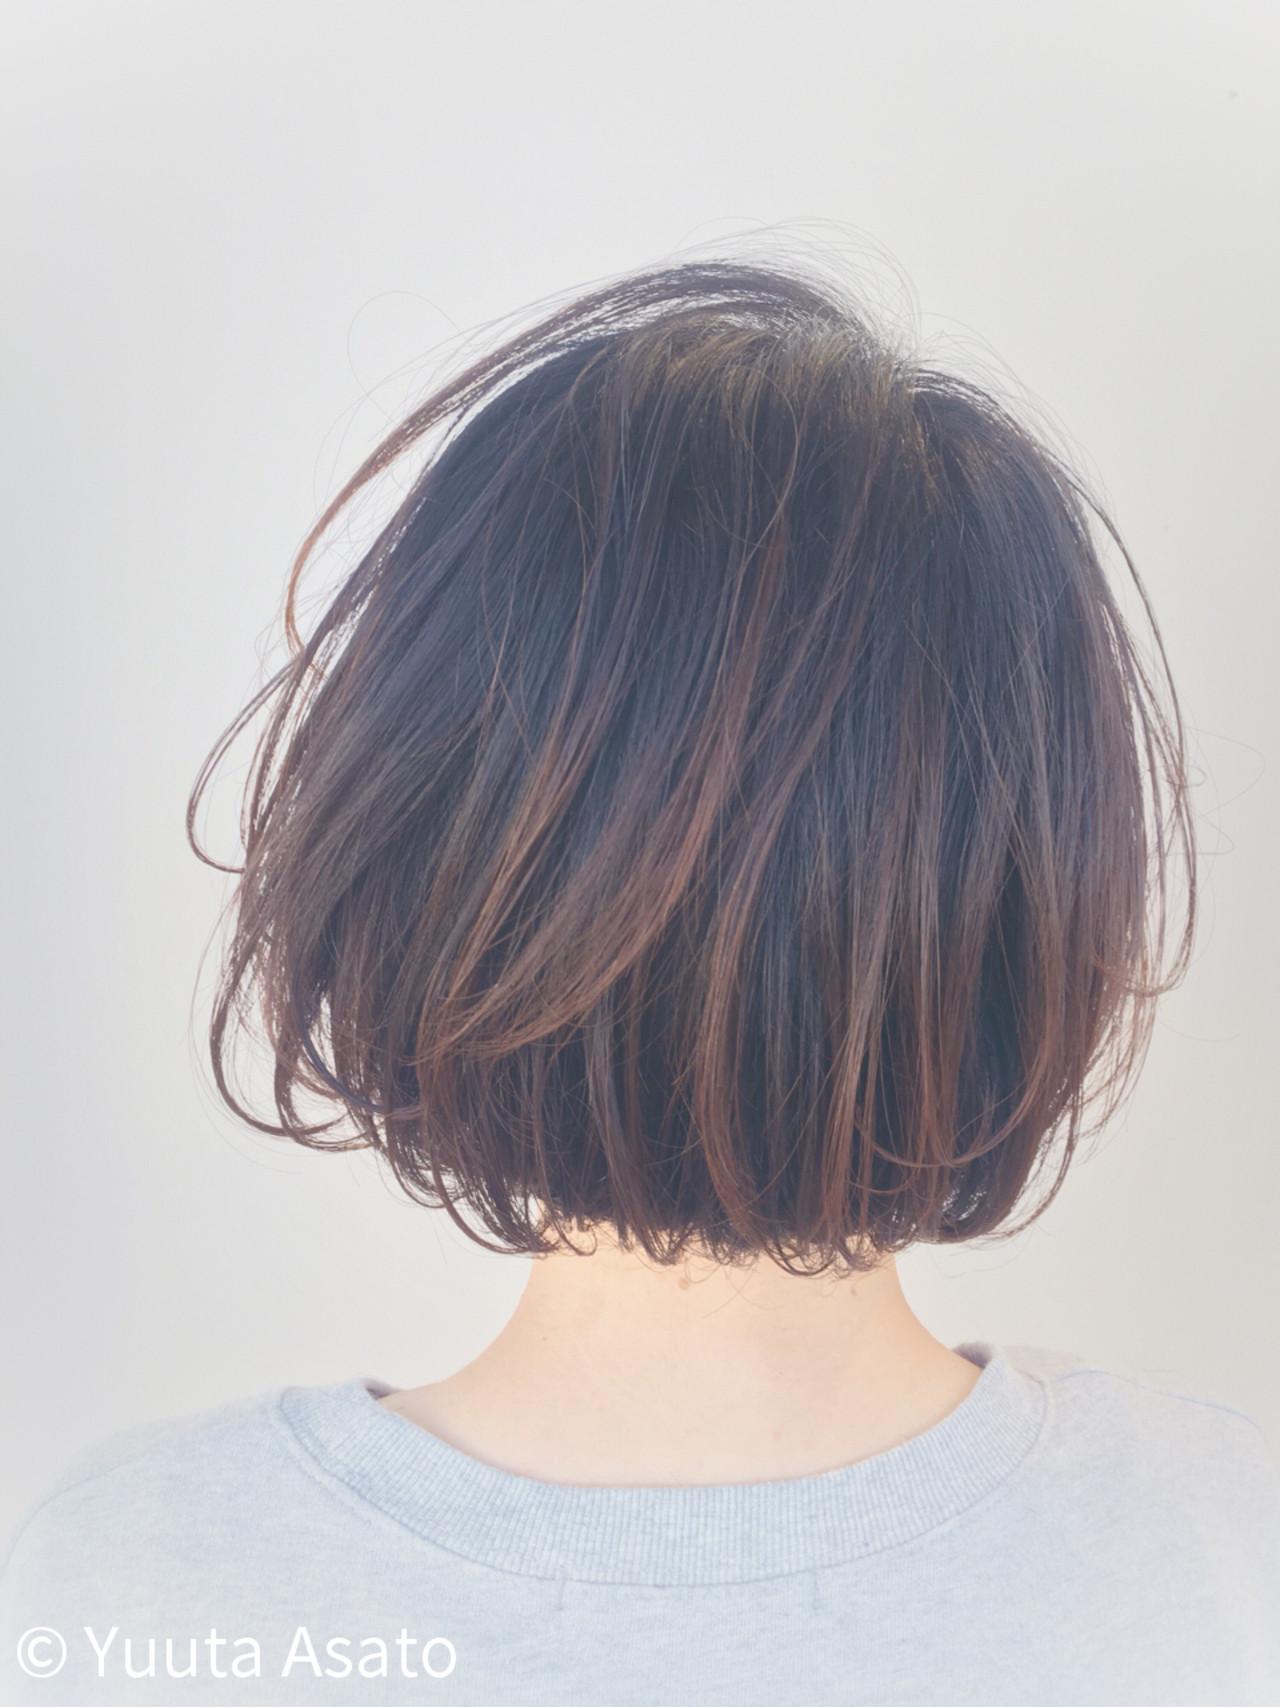 ハイライト エアリー 大人かわいい ゆるふわヘアスタイルや髪型の写真・画像